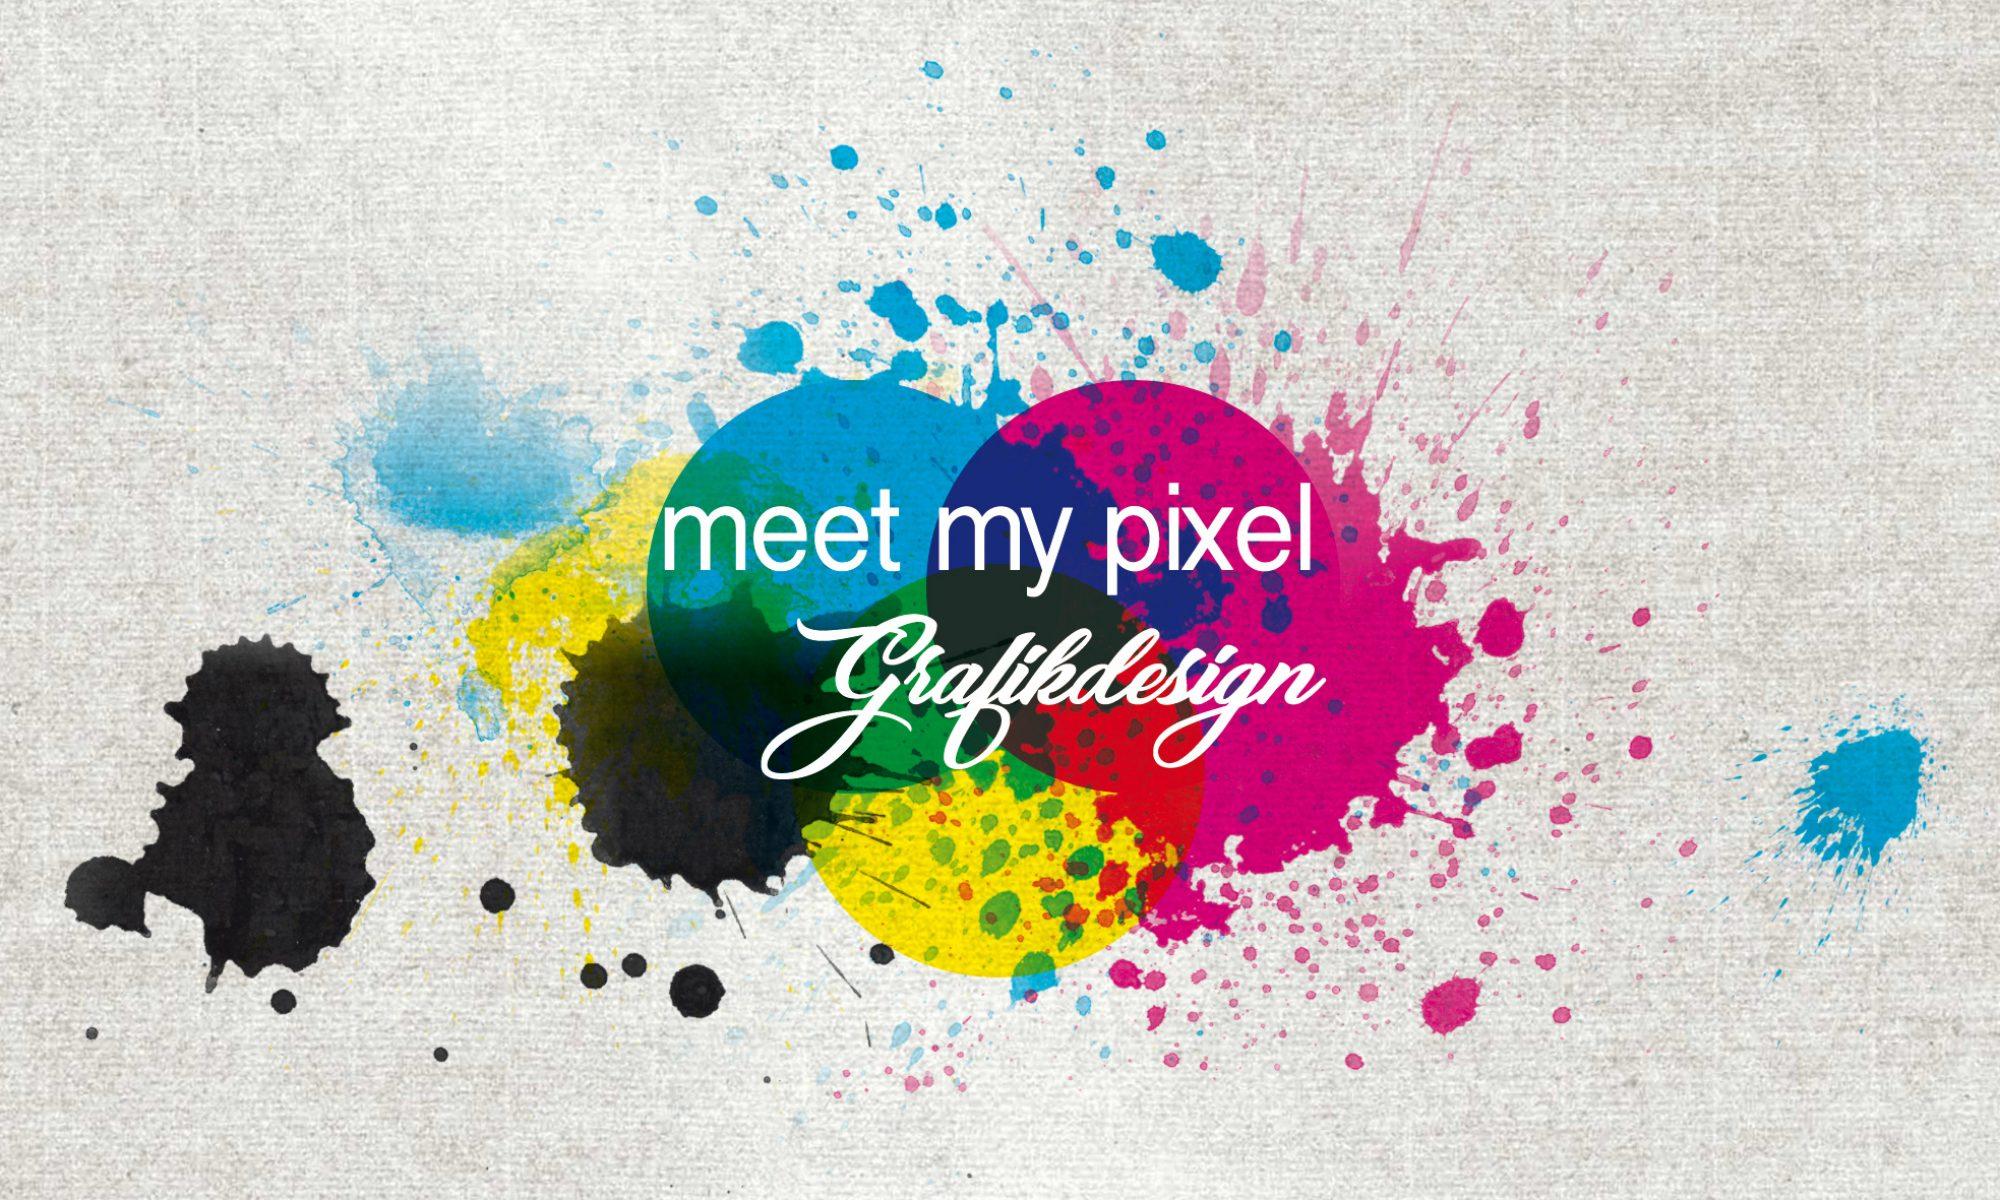 meet my pixel • Grafikdesign von der Idee bis Druck